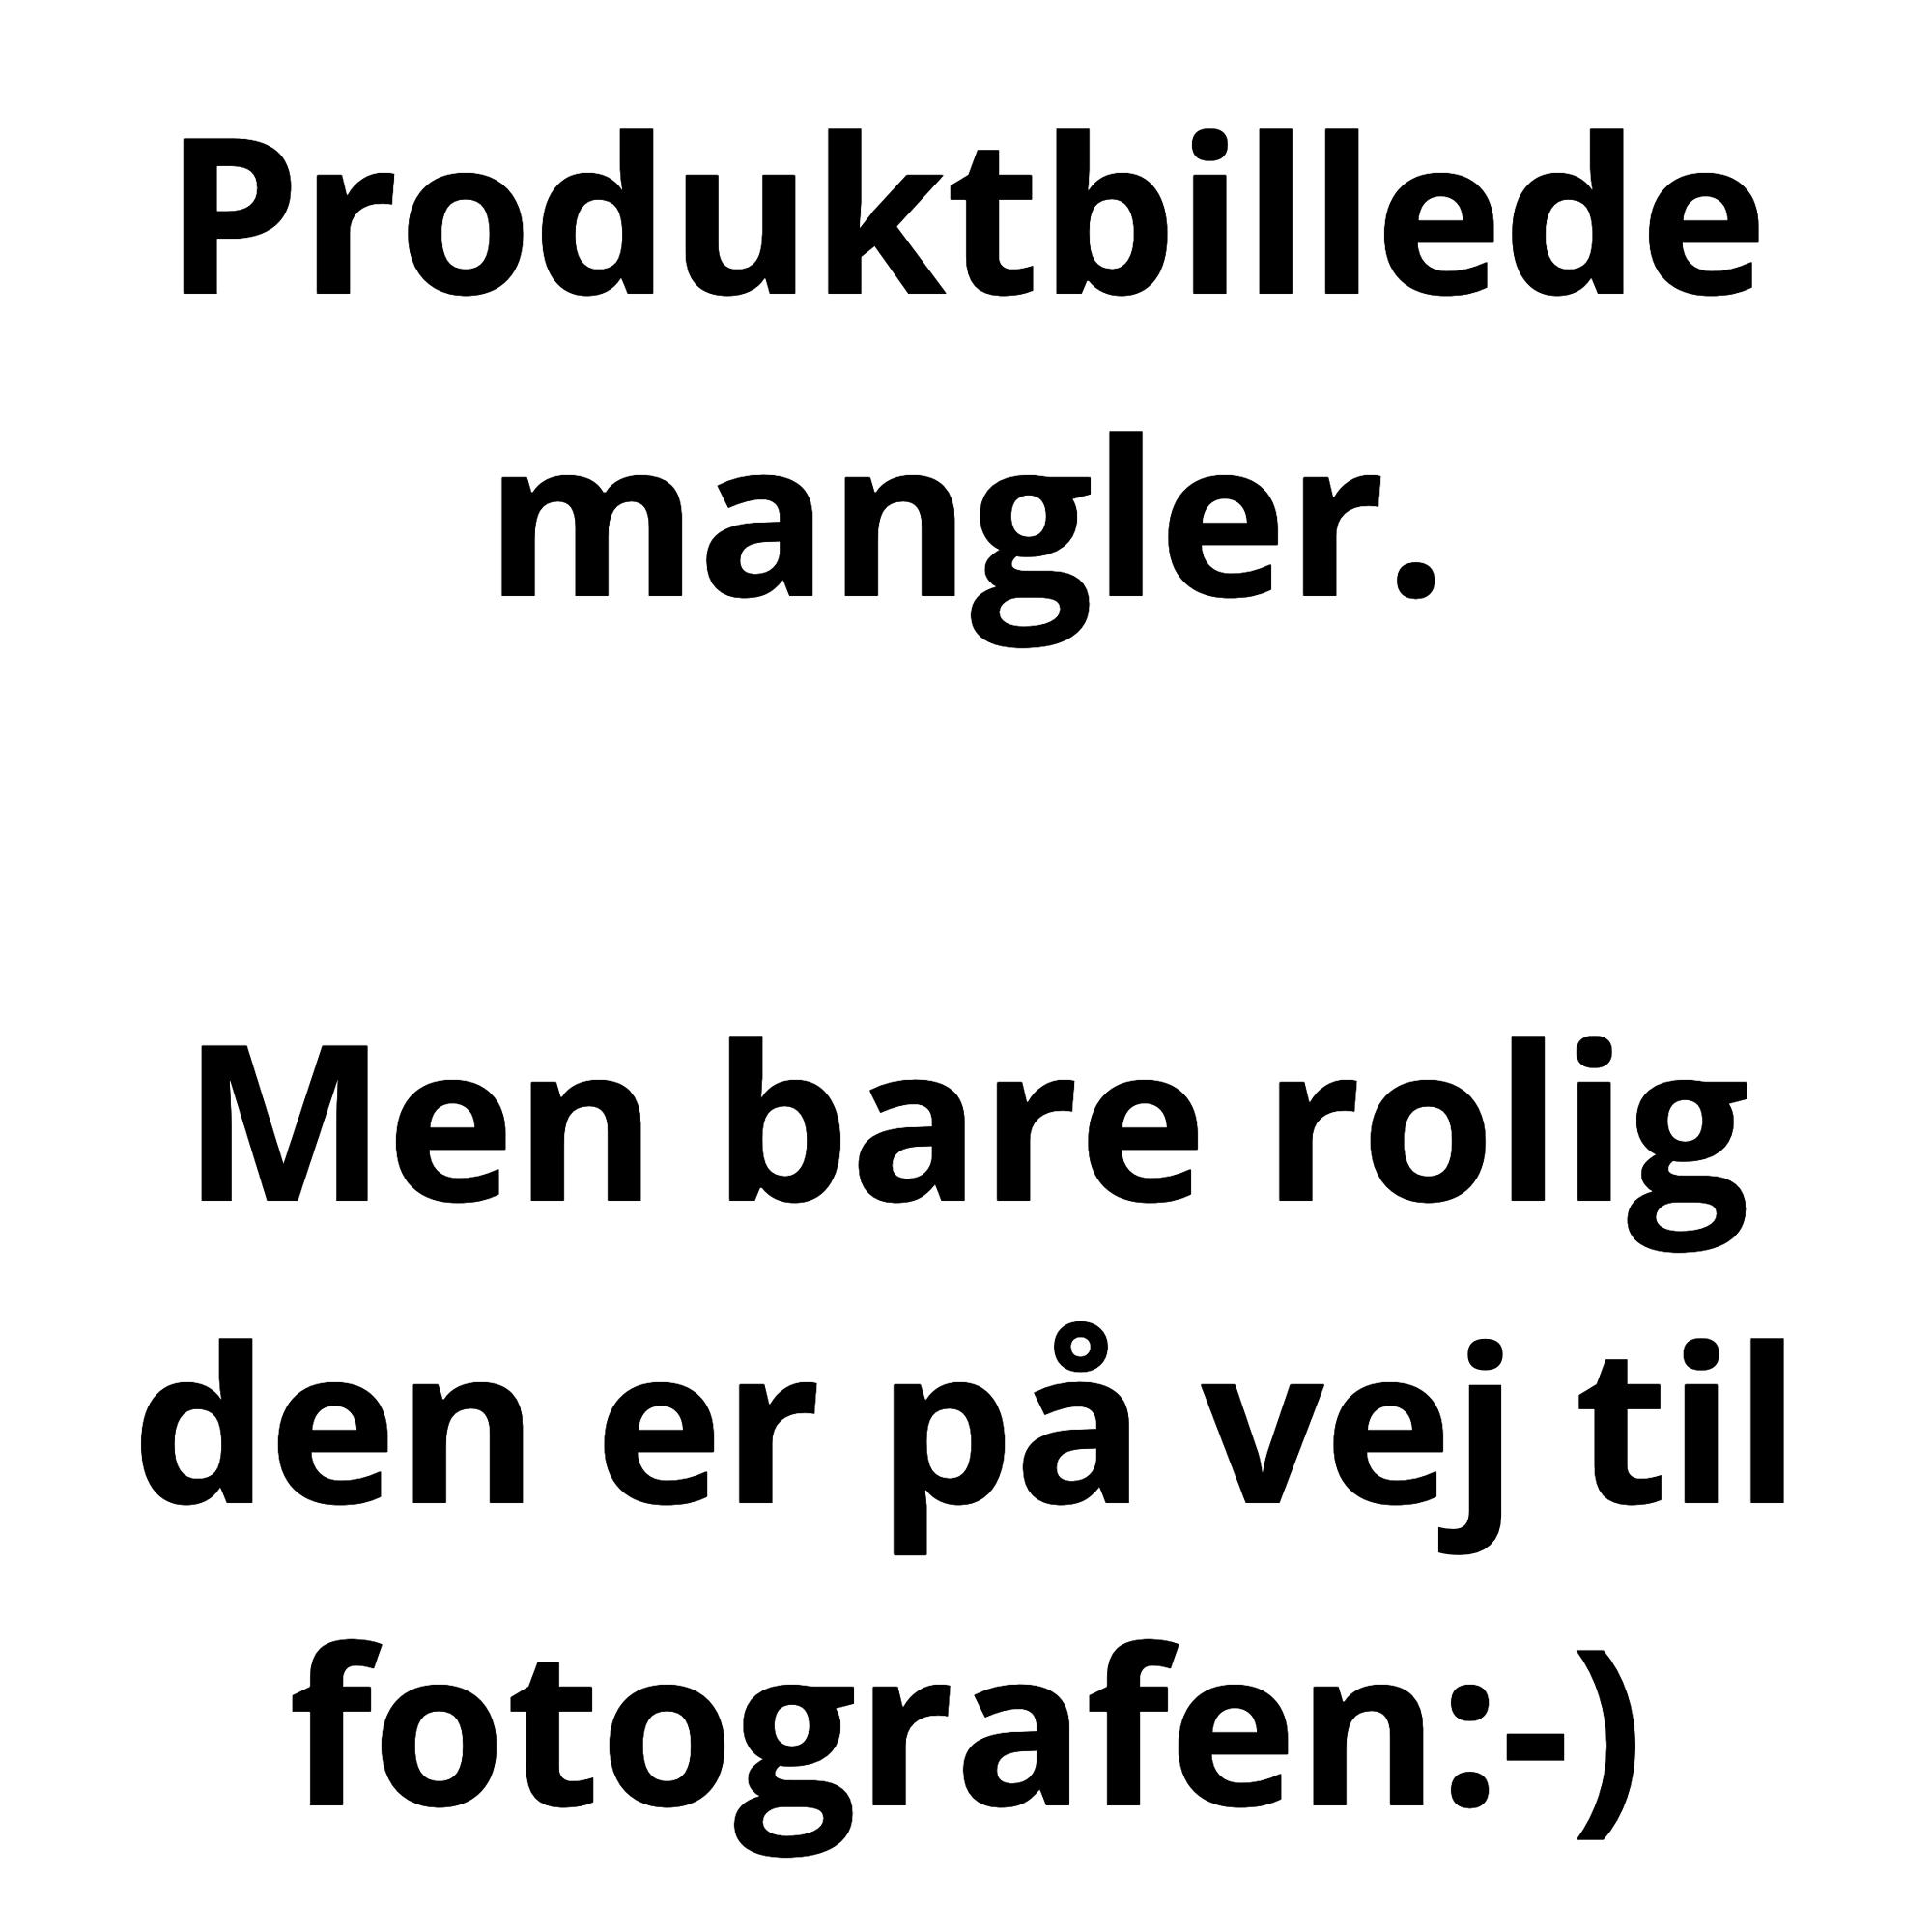 Brodit Passiv mobilholder m. kabeltilslutning lightning til USB til Apple iPhone 5/5S/5C/SE m. el. u. beskyttelsescover - 514423